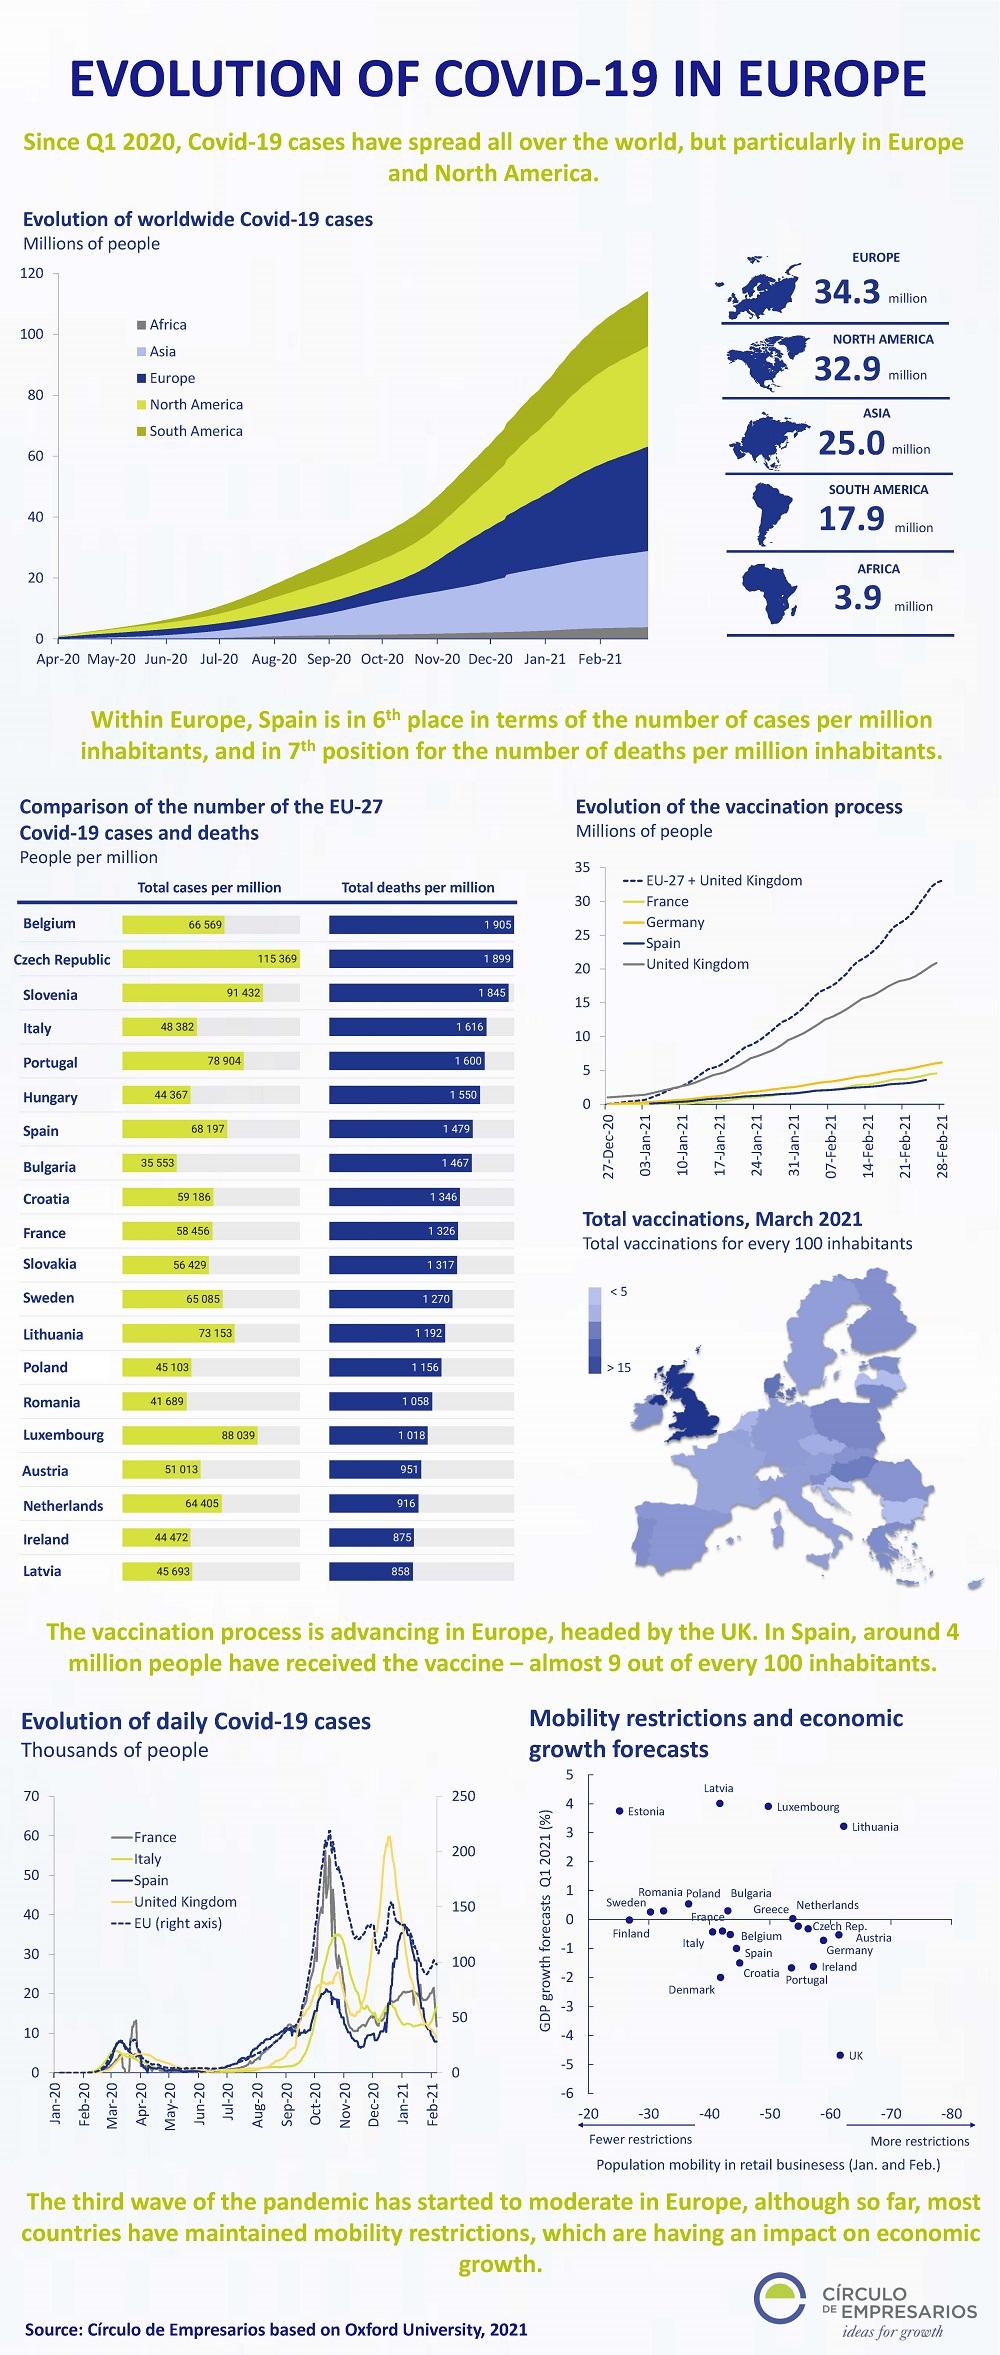 Evolution-of-COVID-19-in-Europe-Infographic-March-2021-Circulo-de-Empresarios